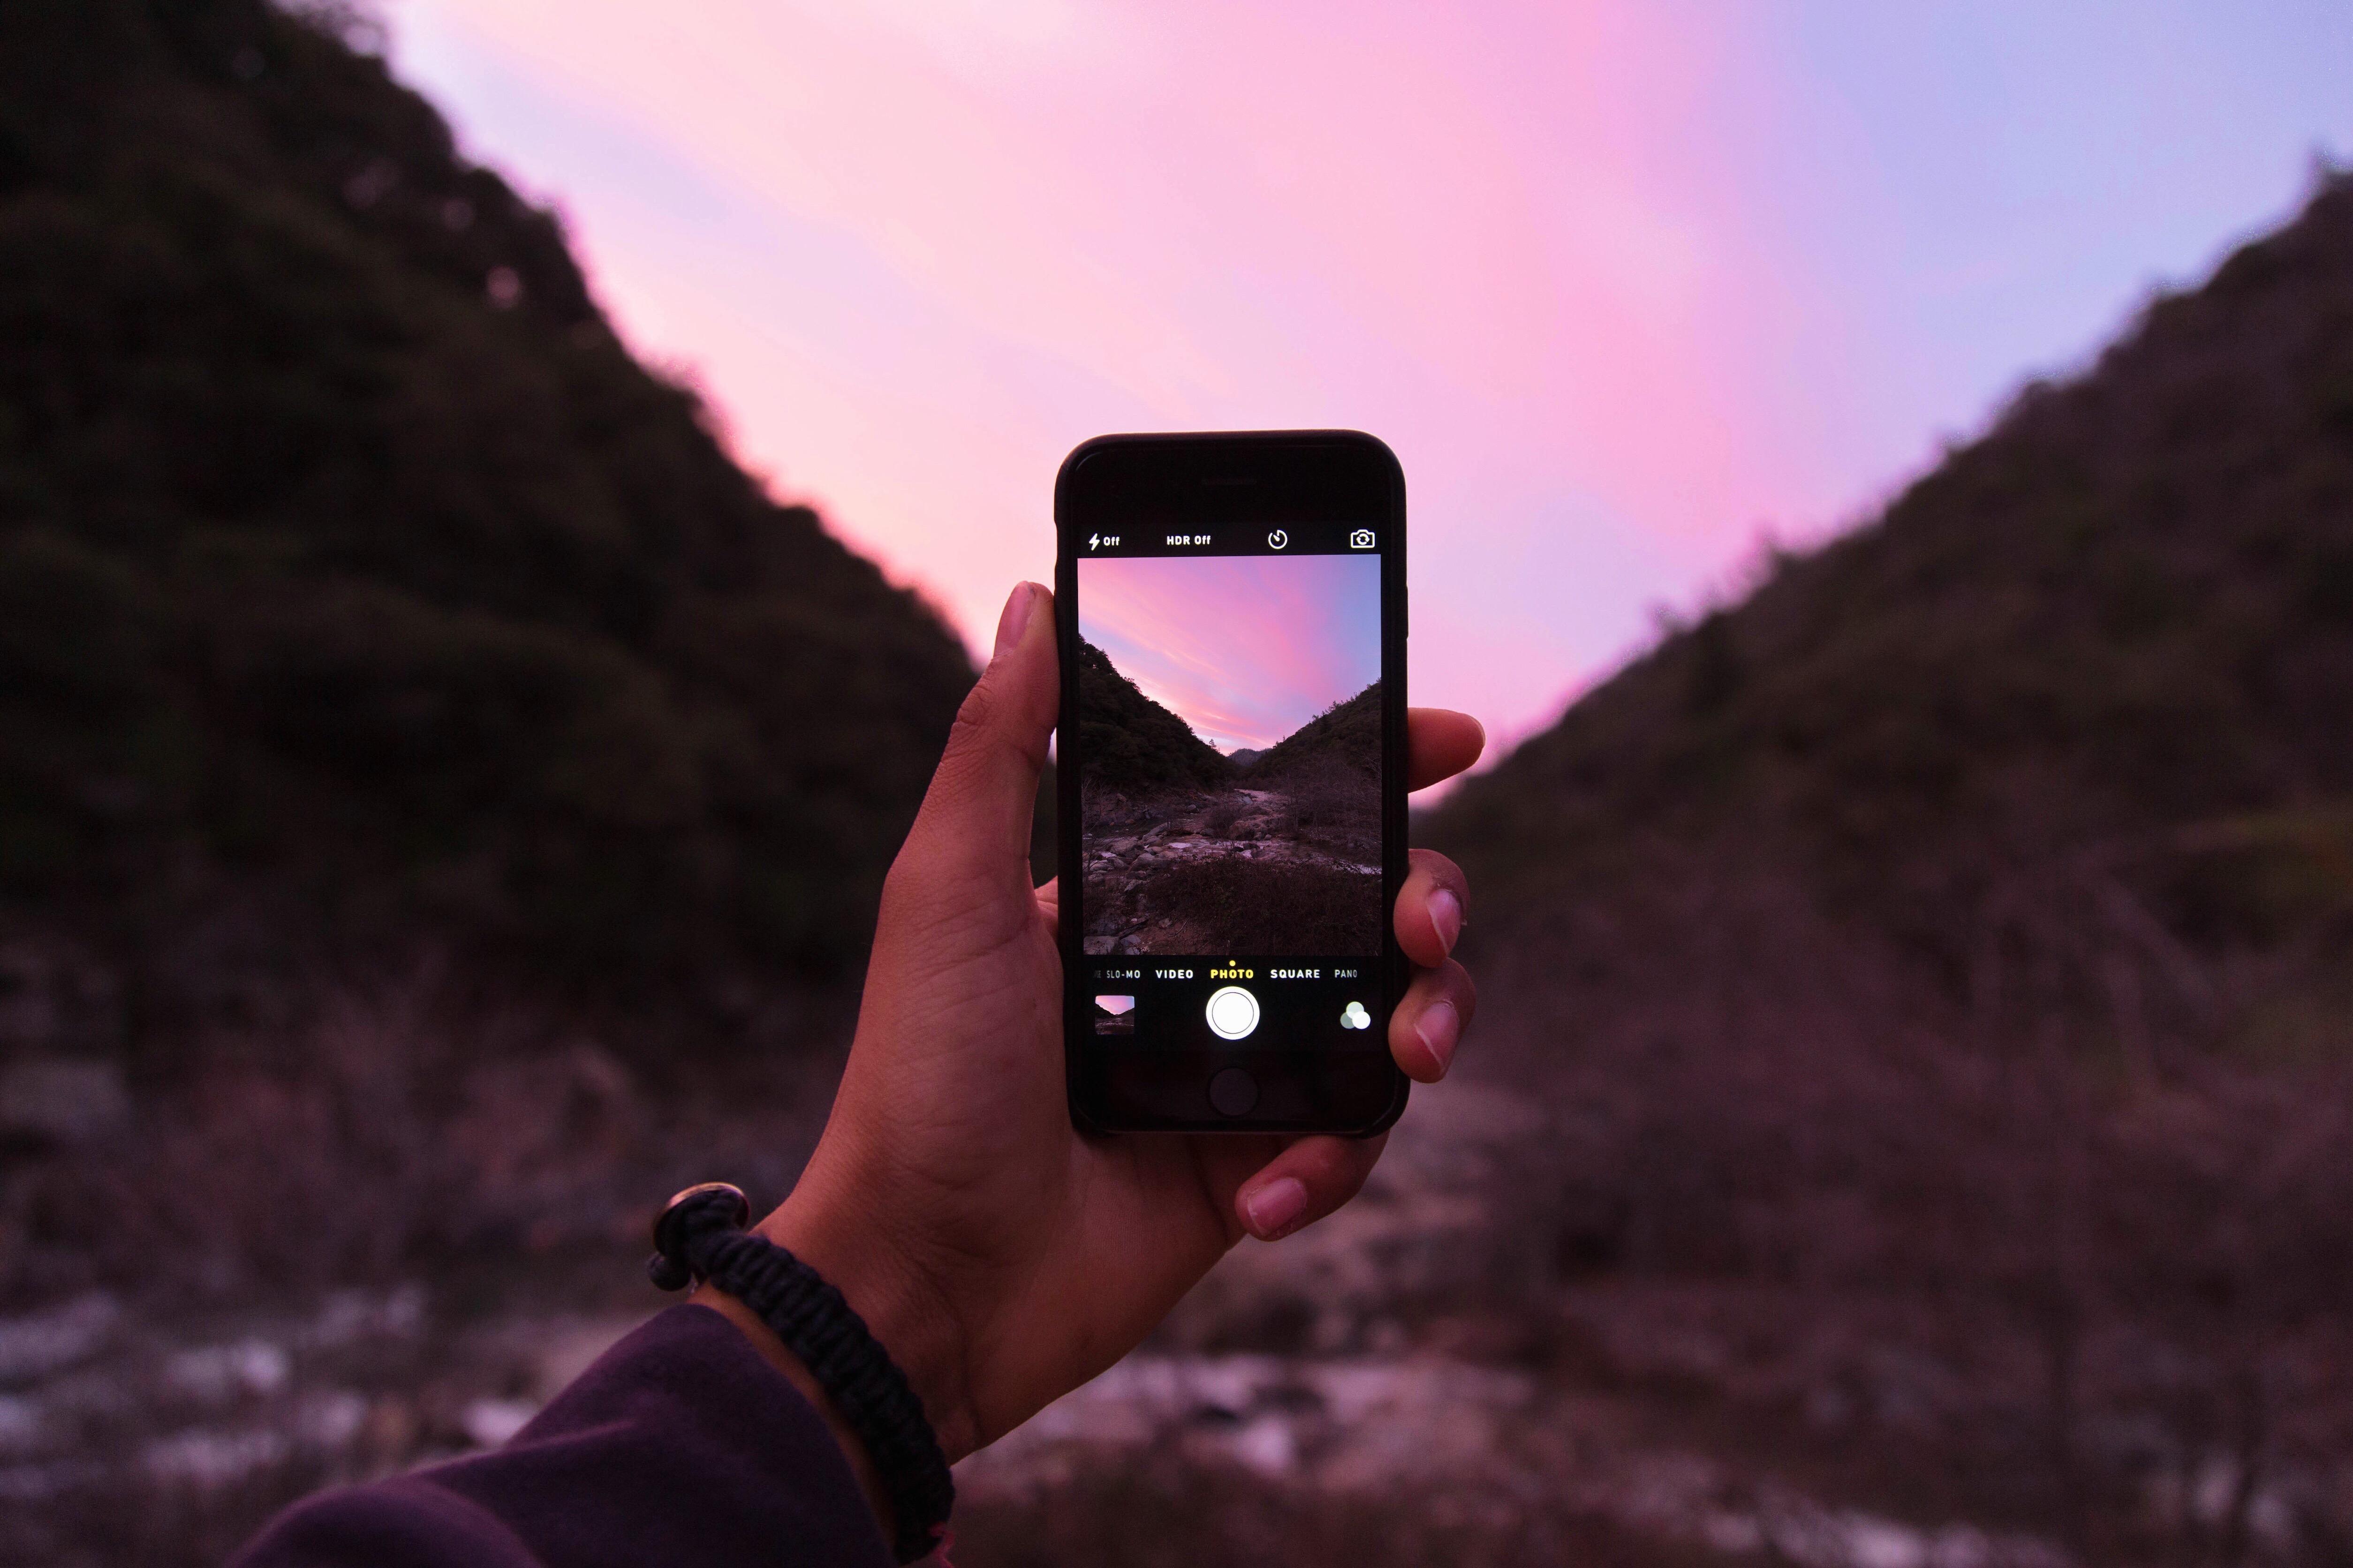 для картинки для телефона тусклые вашему